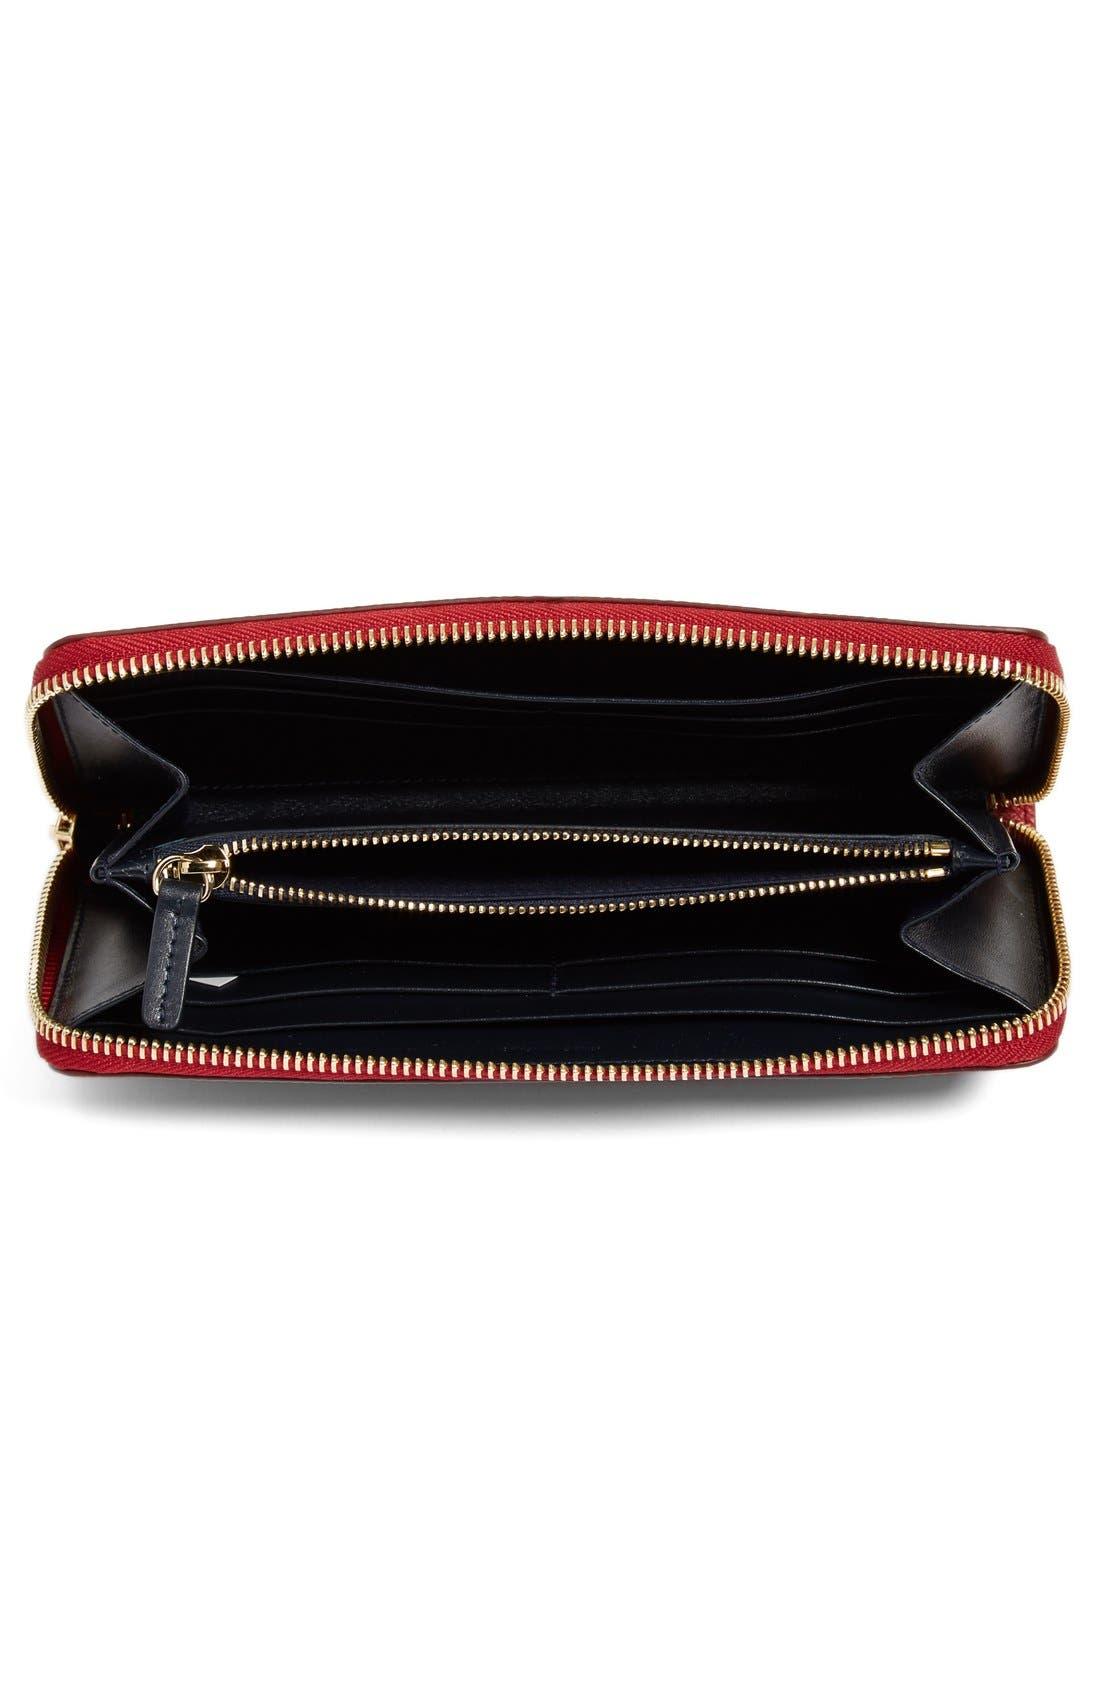 Alternate Image 2  - Smythson 'Large Panama' Zip Around Wallet